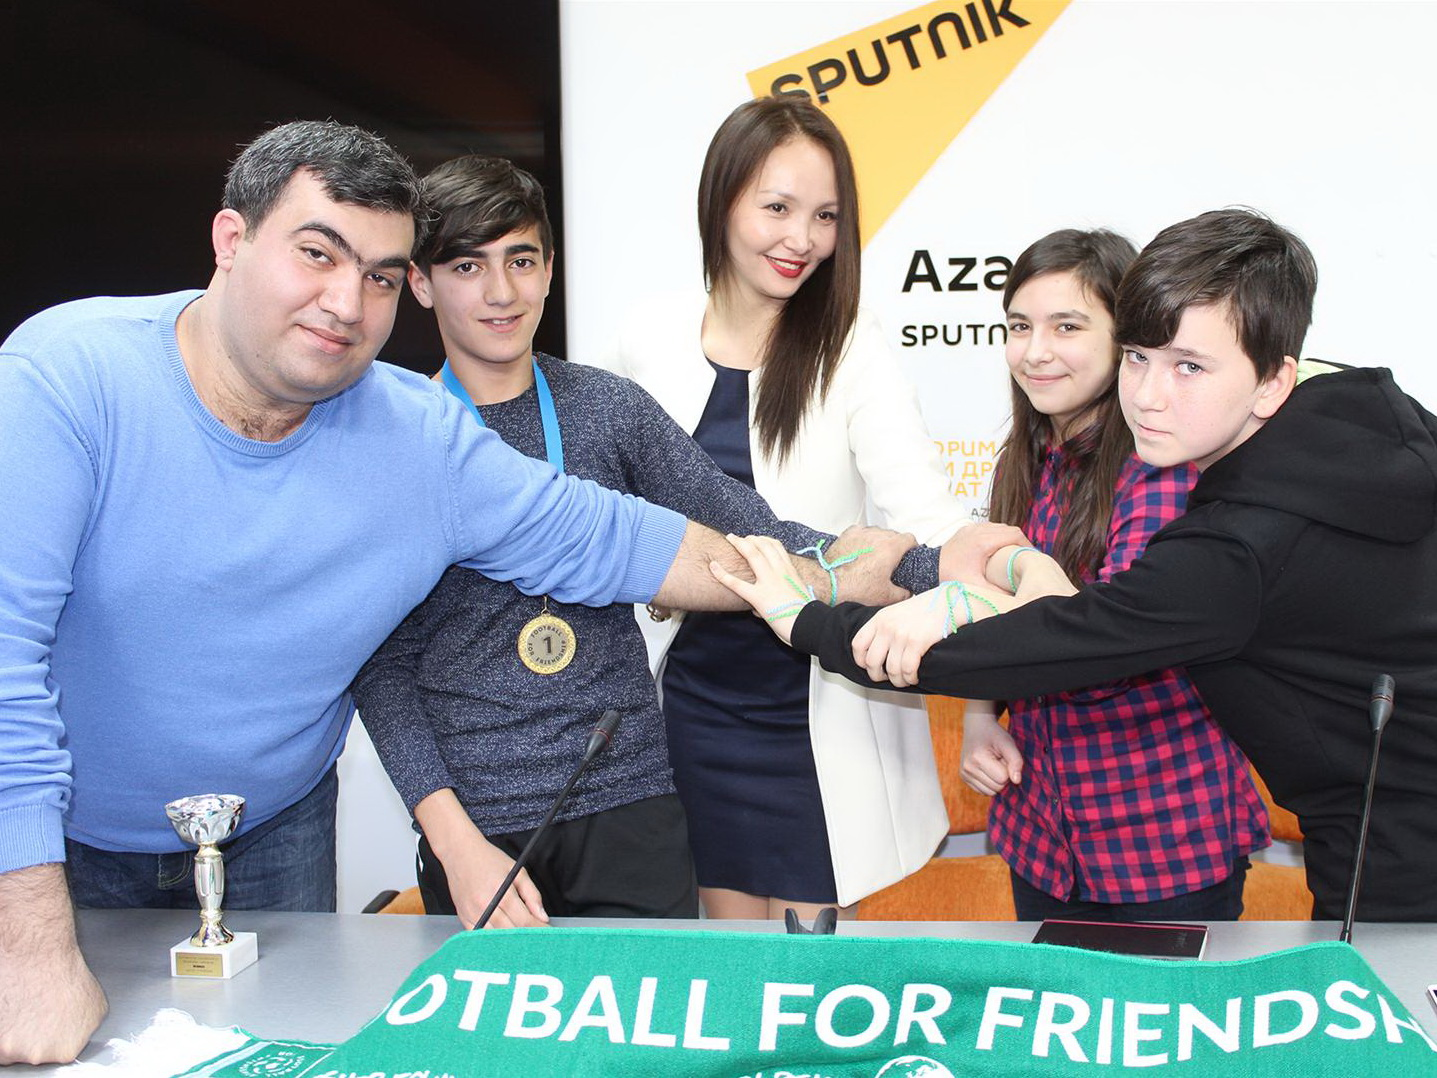 """Azərbaycanlı təmsilçilər """"Dostluq üçün futbol"""" turnirindən danışıb – FOTO"""